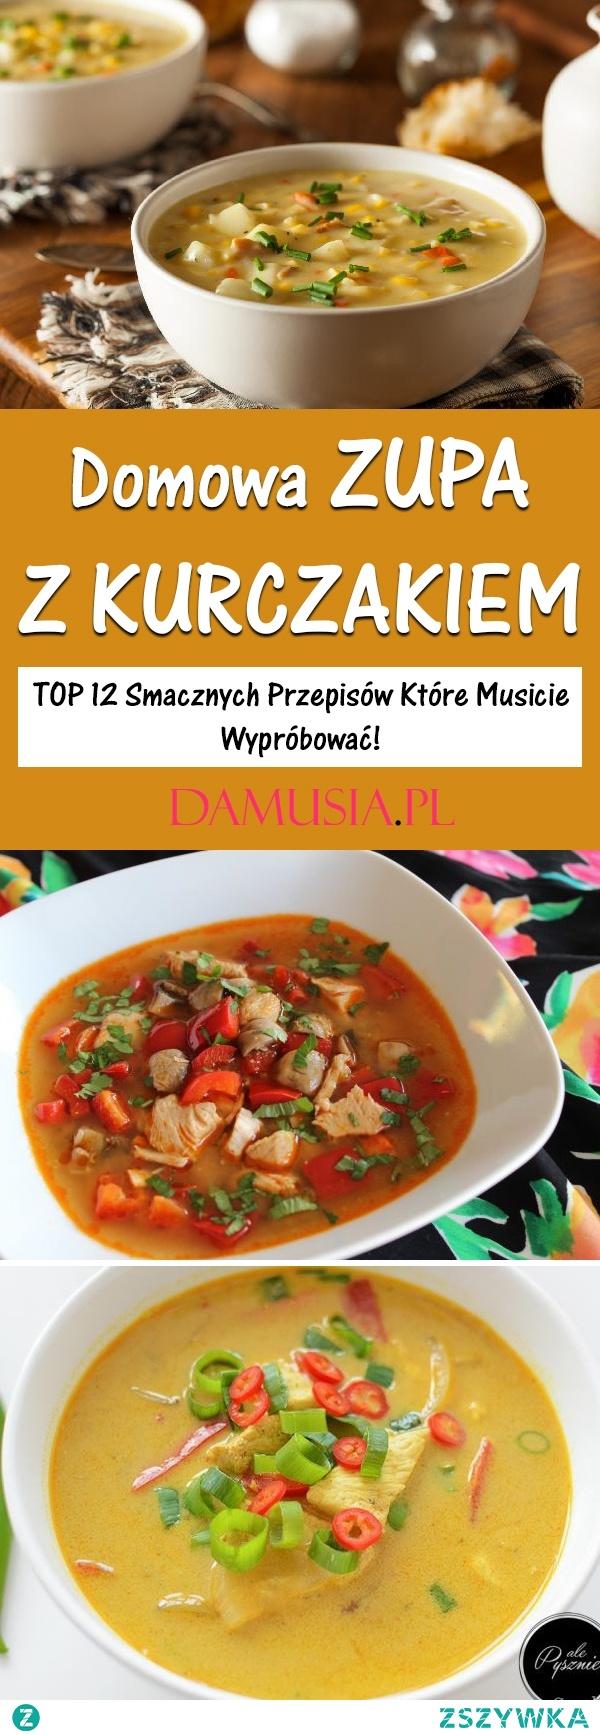 Sycąca Zupa z Kurczakiem – TOP 12 Smacznych Przepisów Które Musicie Wypróbować!